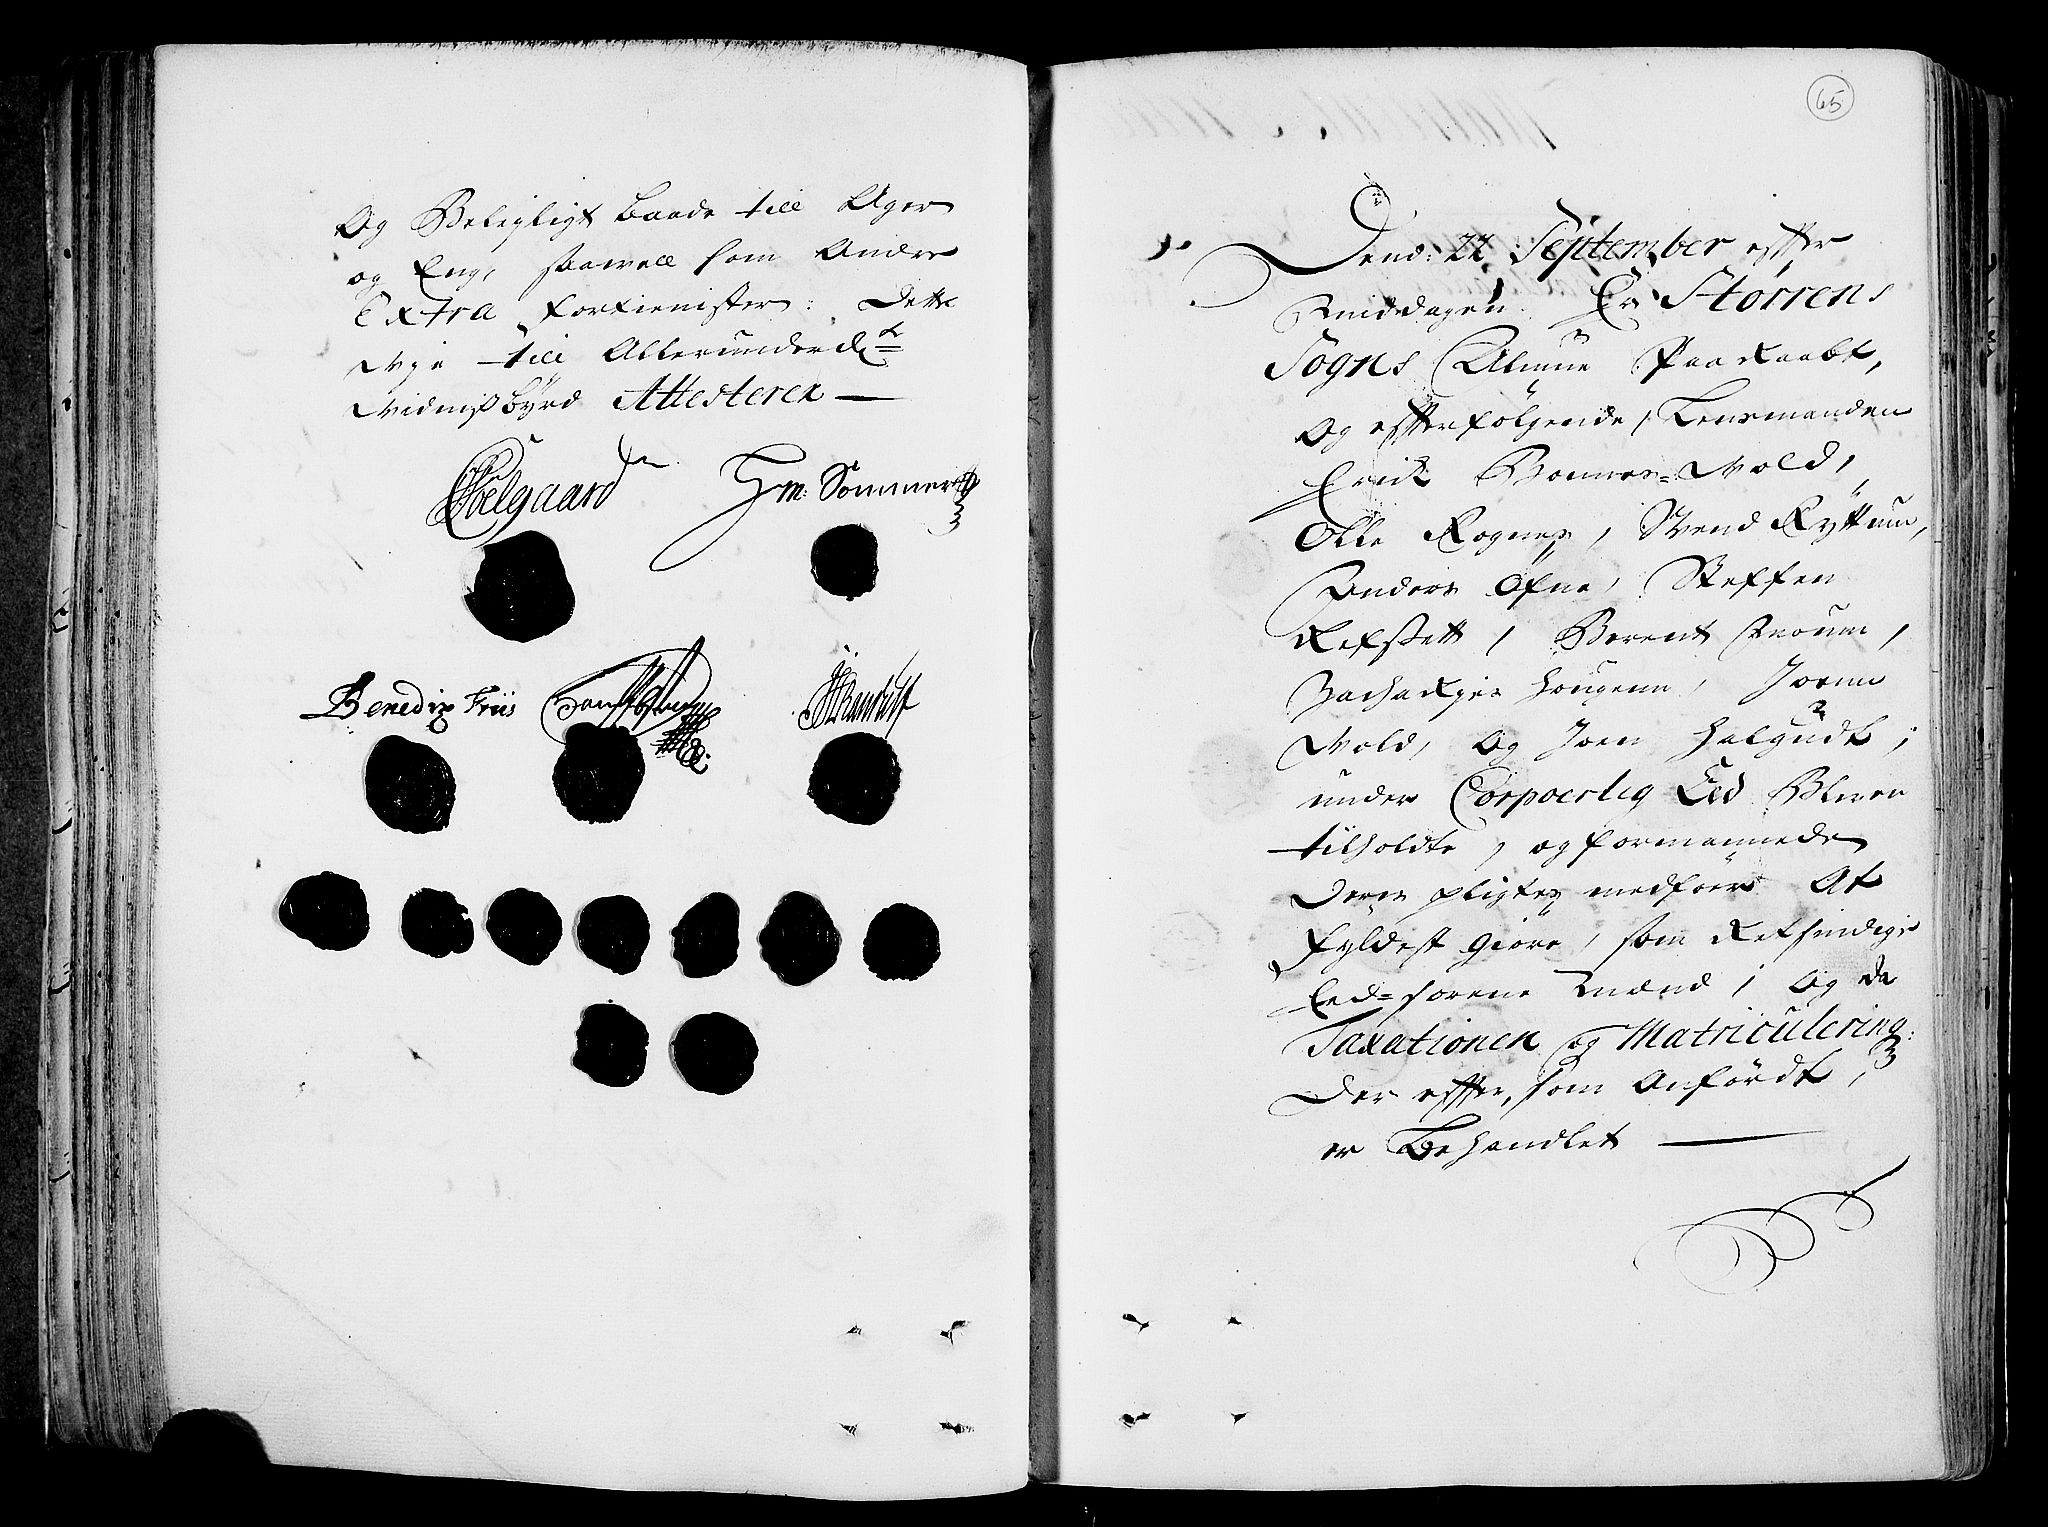 RA, Rentekammeret inntil 1814, Realistisk ordnet avdeling, N/Nb/Nbf/L0158: Gauldal eksaminasjonsprotokoll, 1723, s. 64b-65a